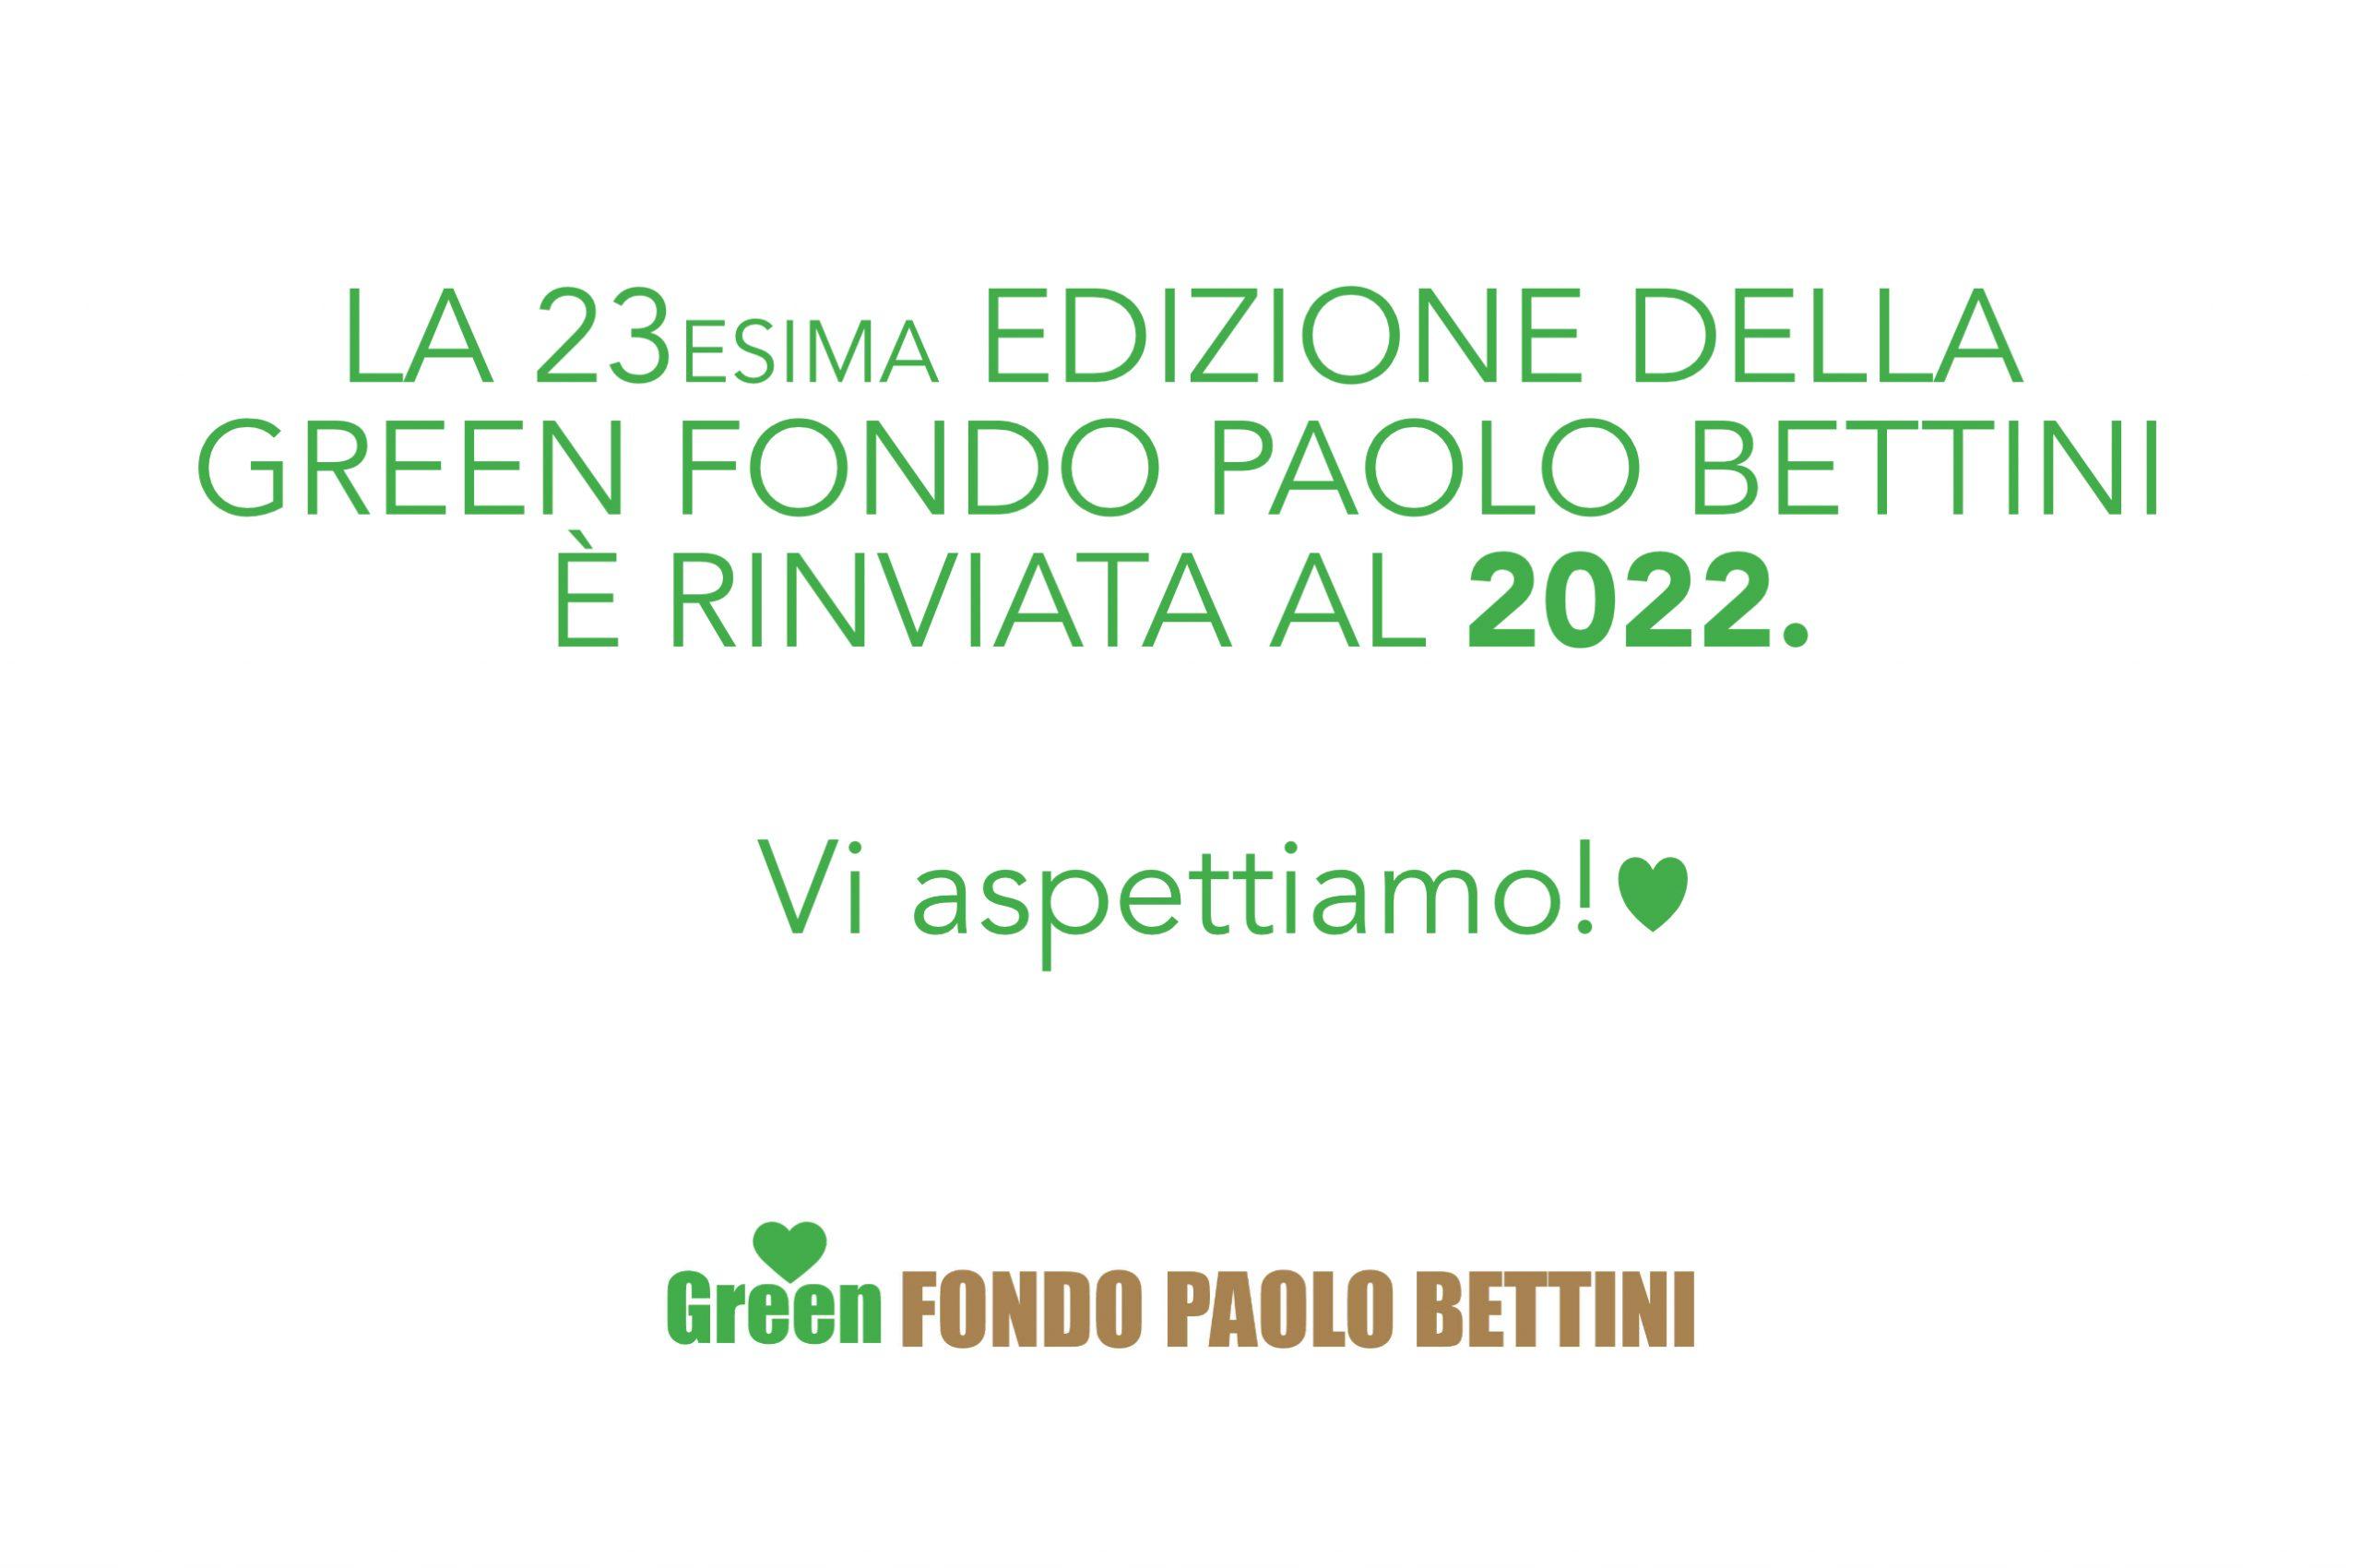 La Green Fondo Paolo Bettini rinviata al 2022.